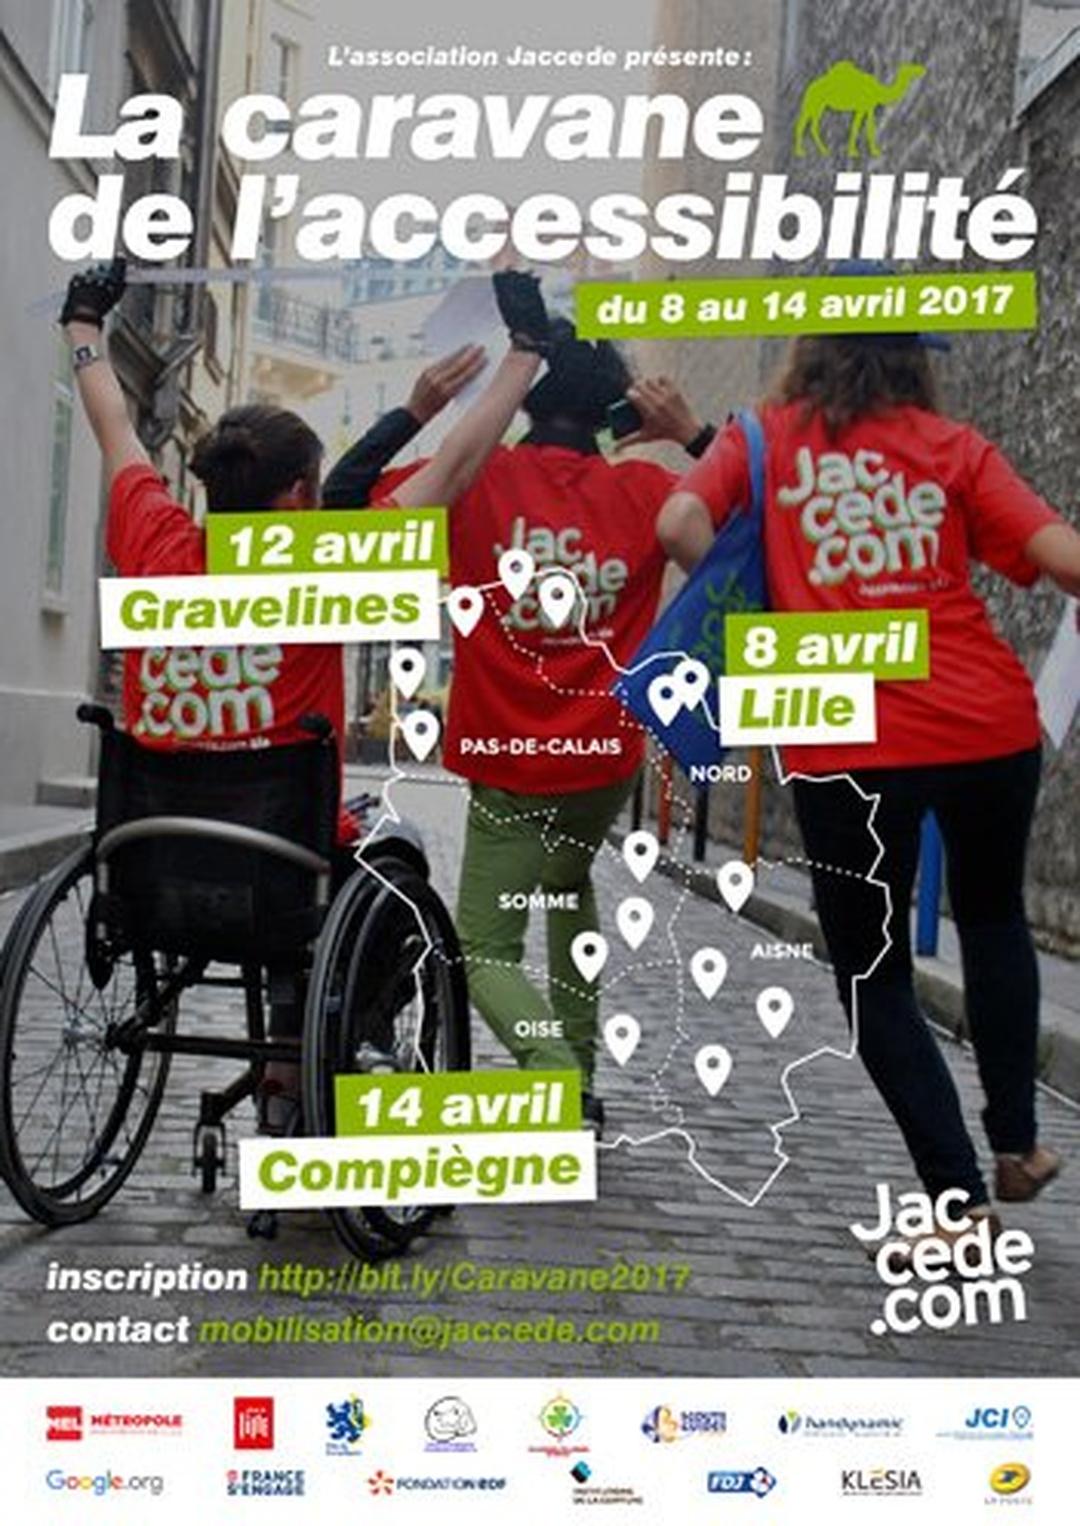 Affiche de la Caravane de l'accessibilité 2017 dans les Hauts-de-France